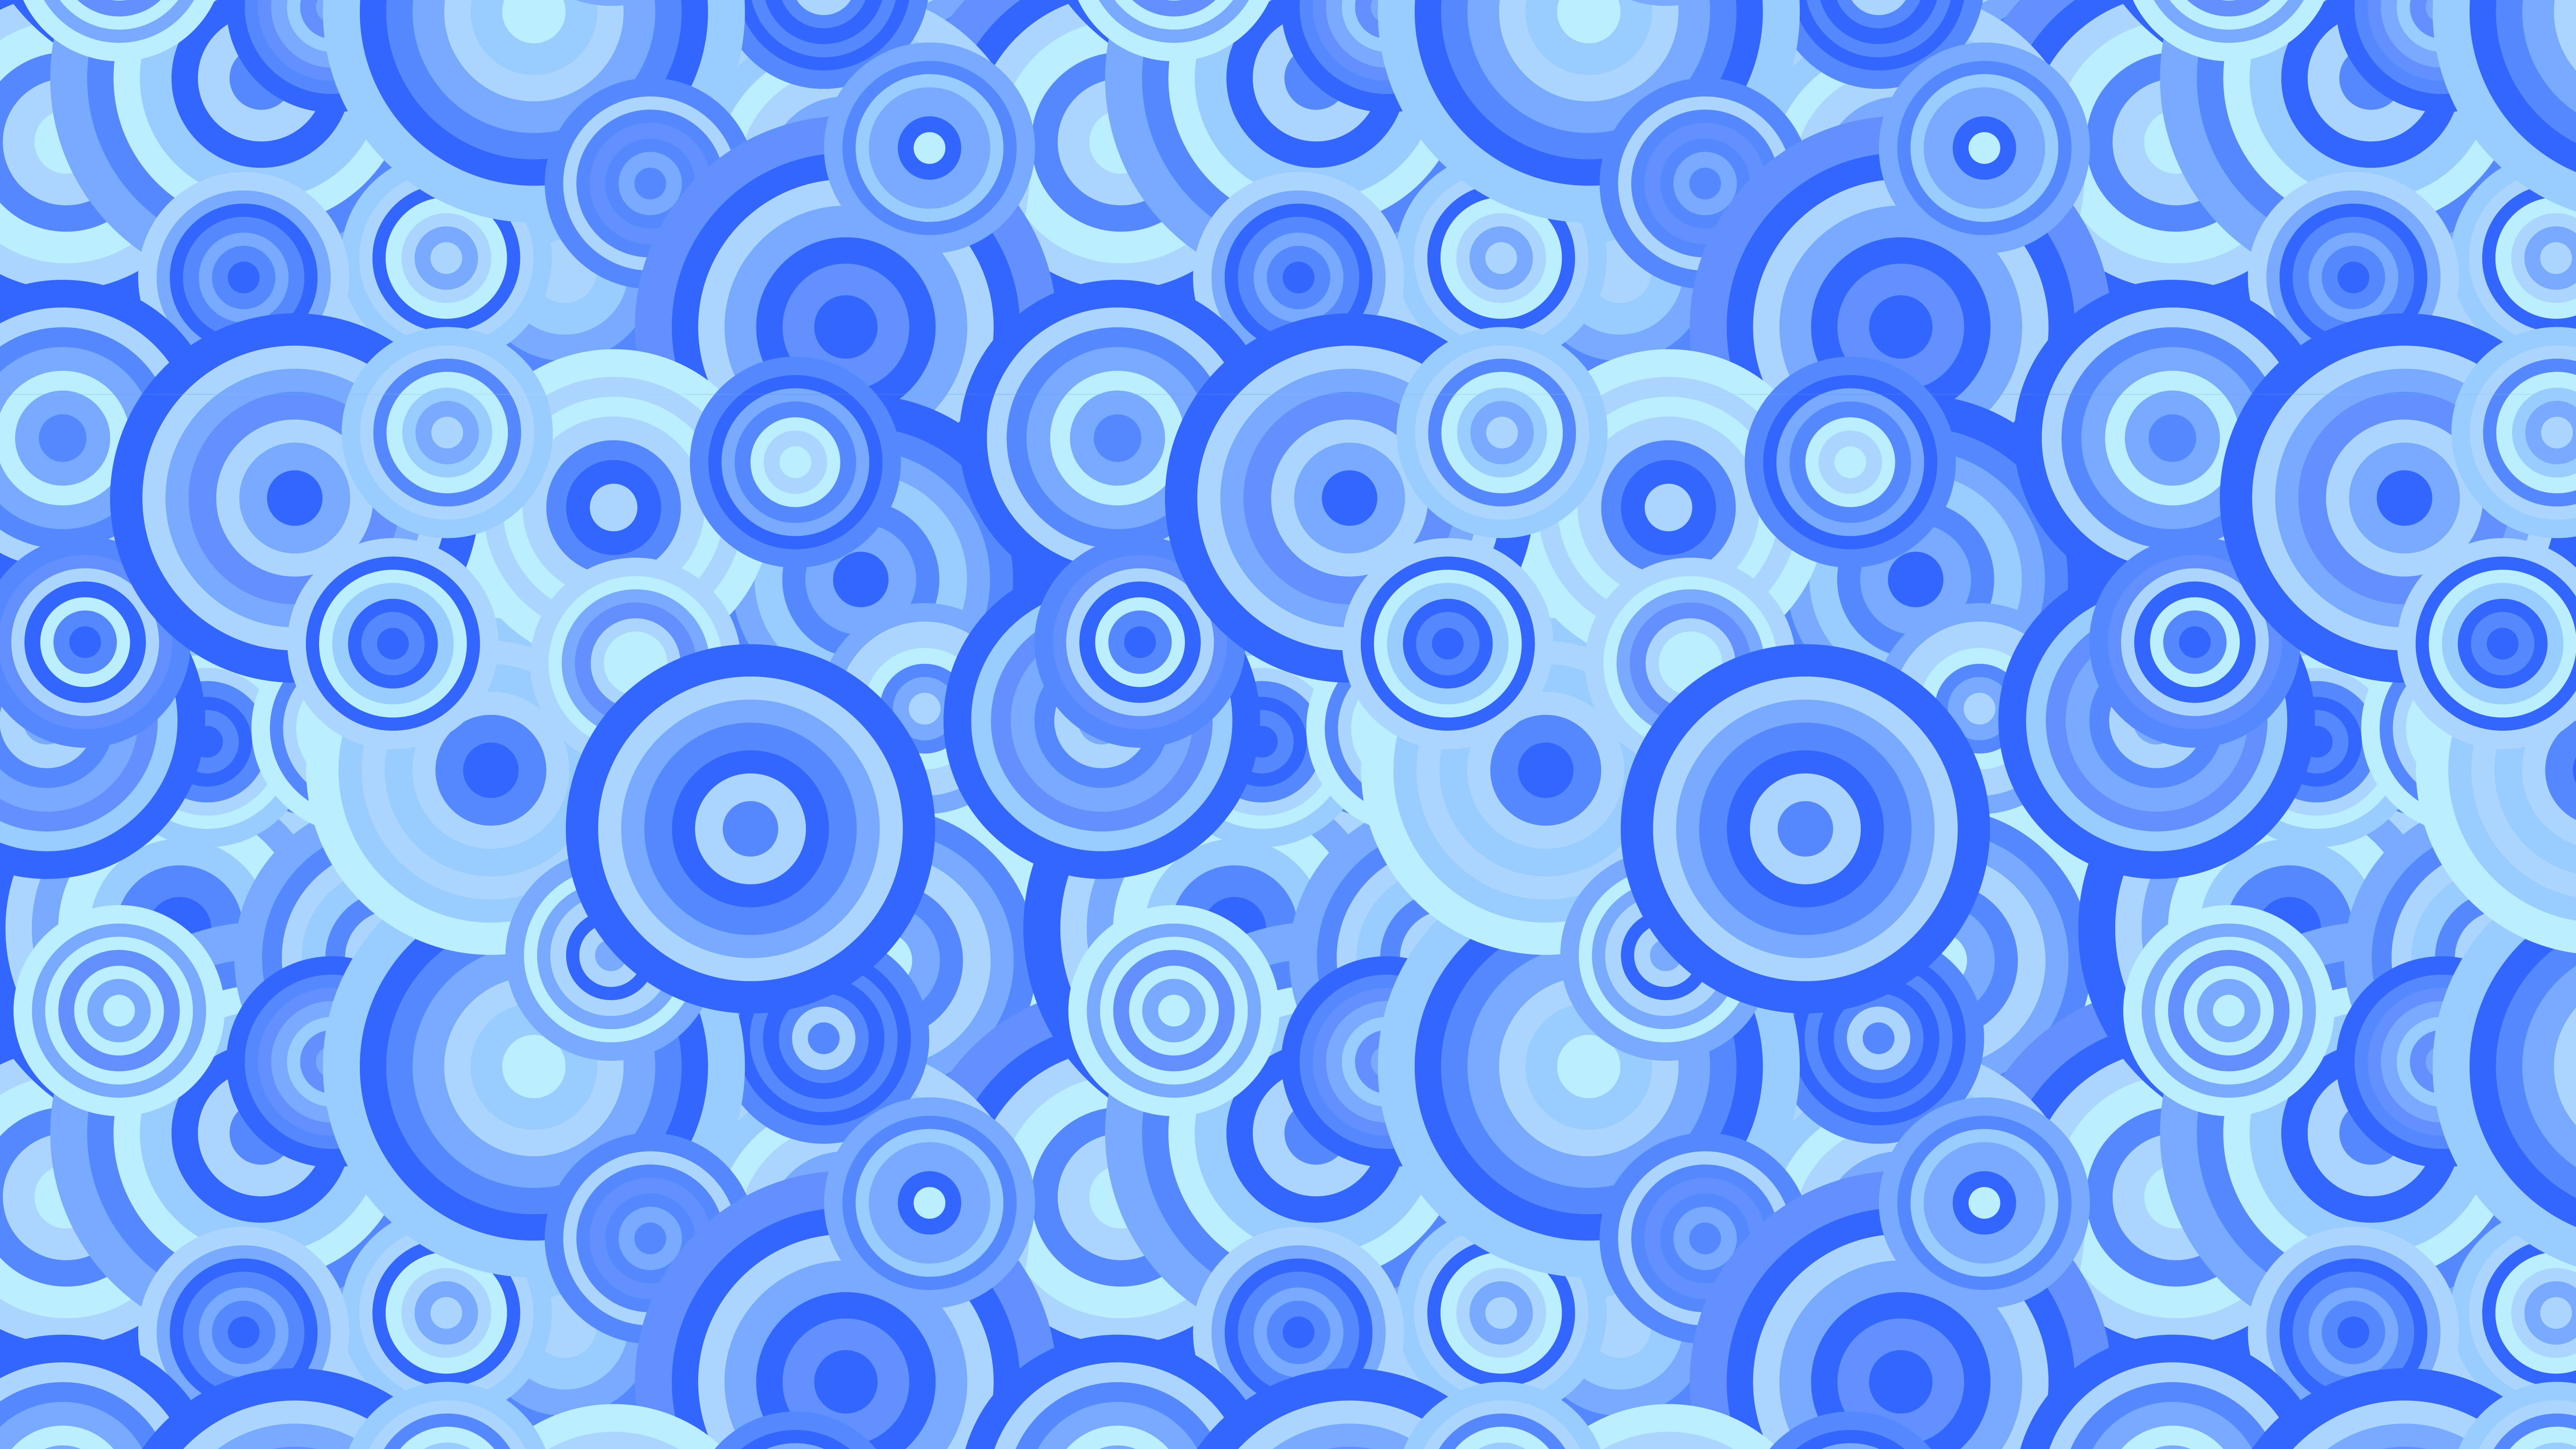 Download 930 Koleksi Background Blue Circles Gratis Terbaik